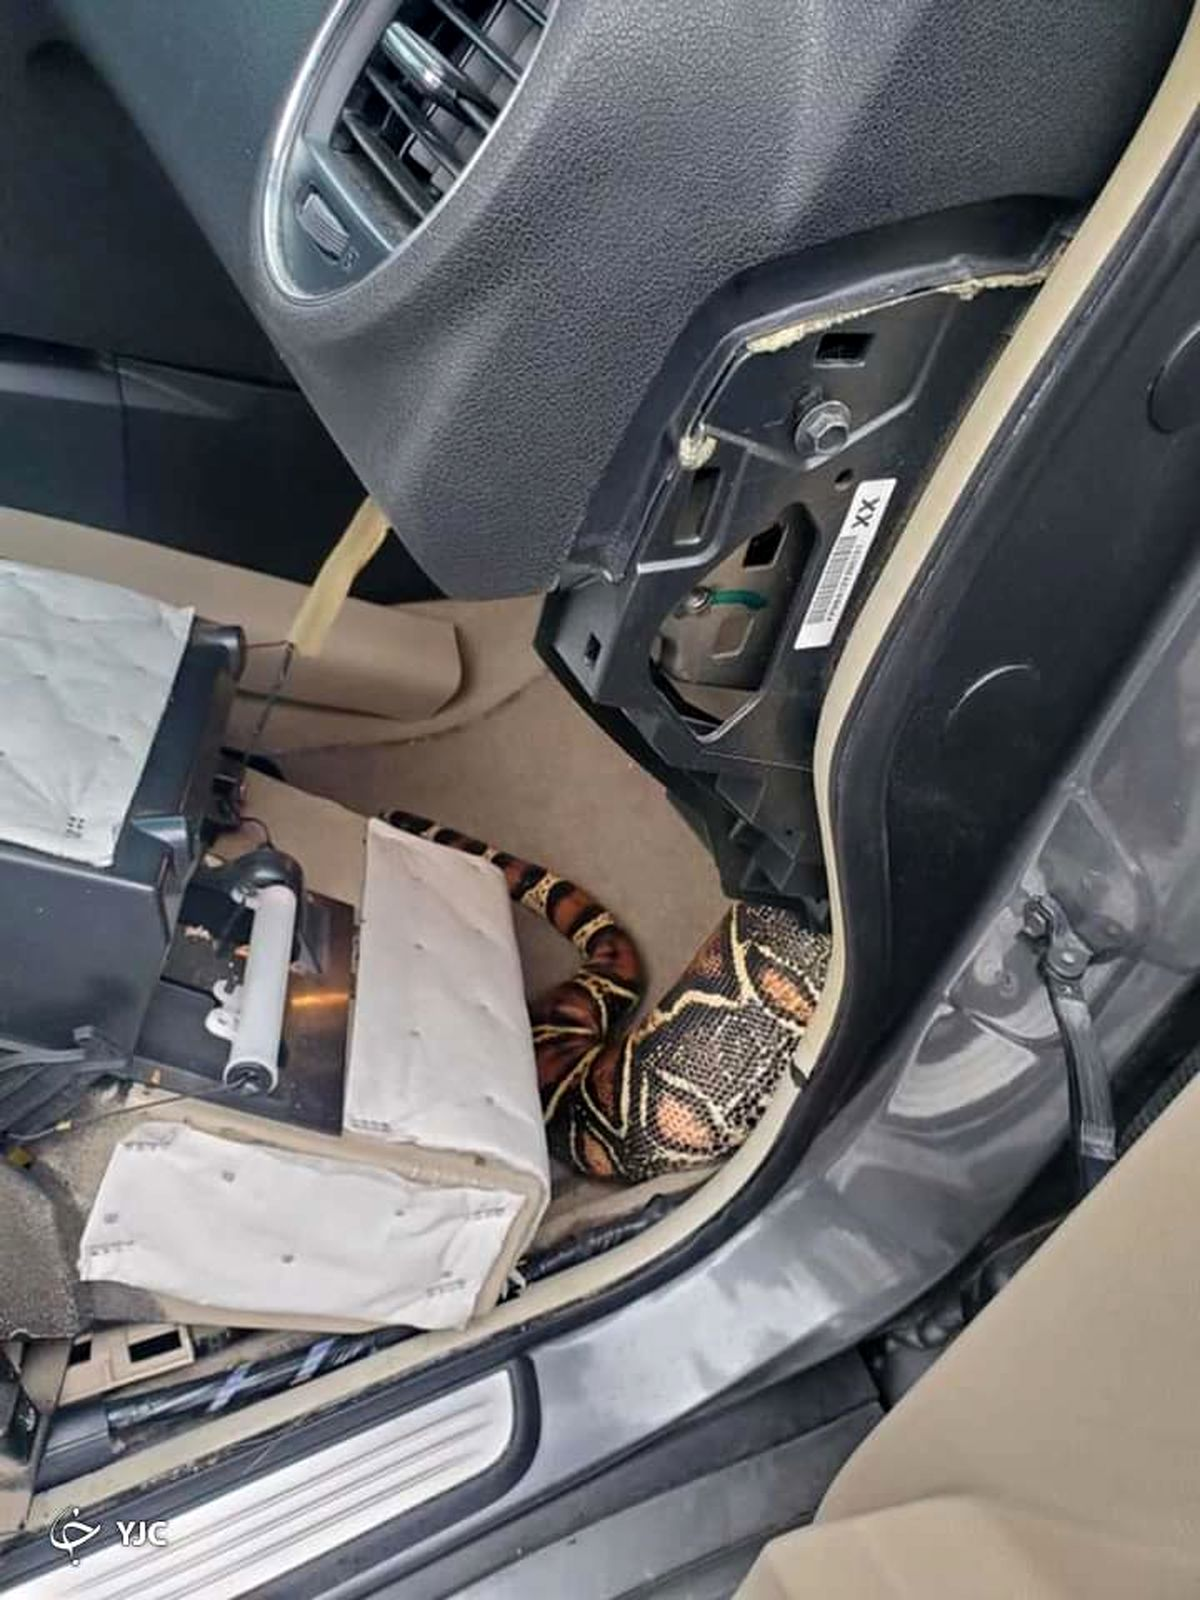 صحنه شوکه کننده که راننده در ماشین دید!+عکس